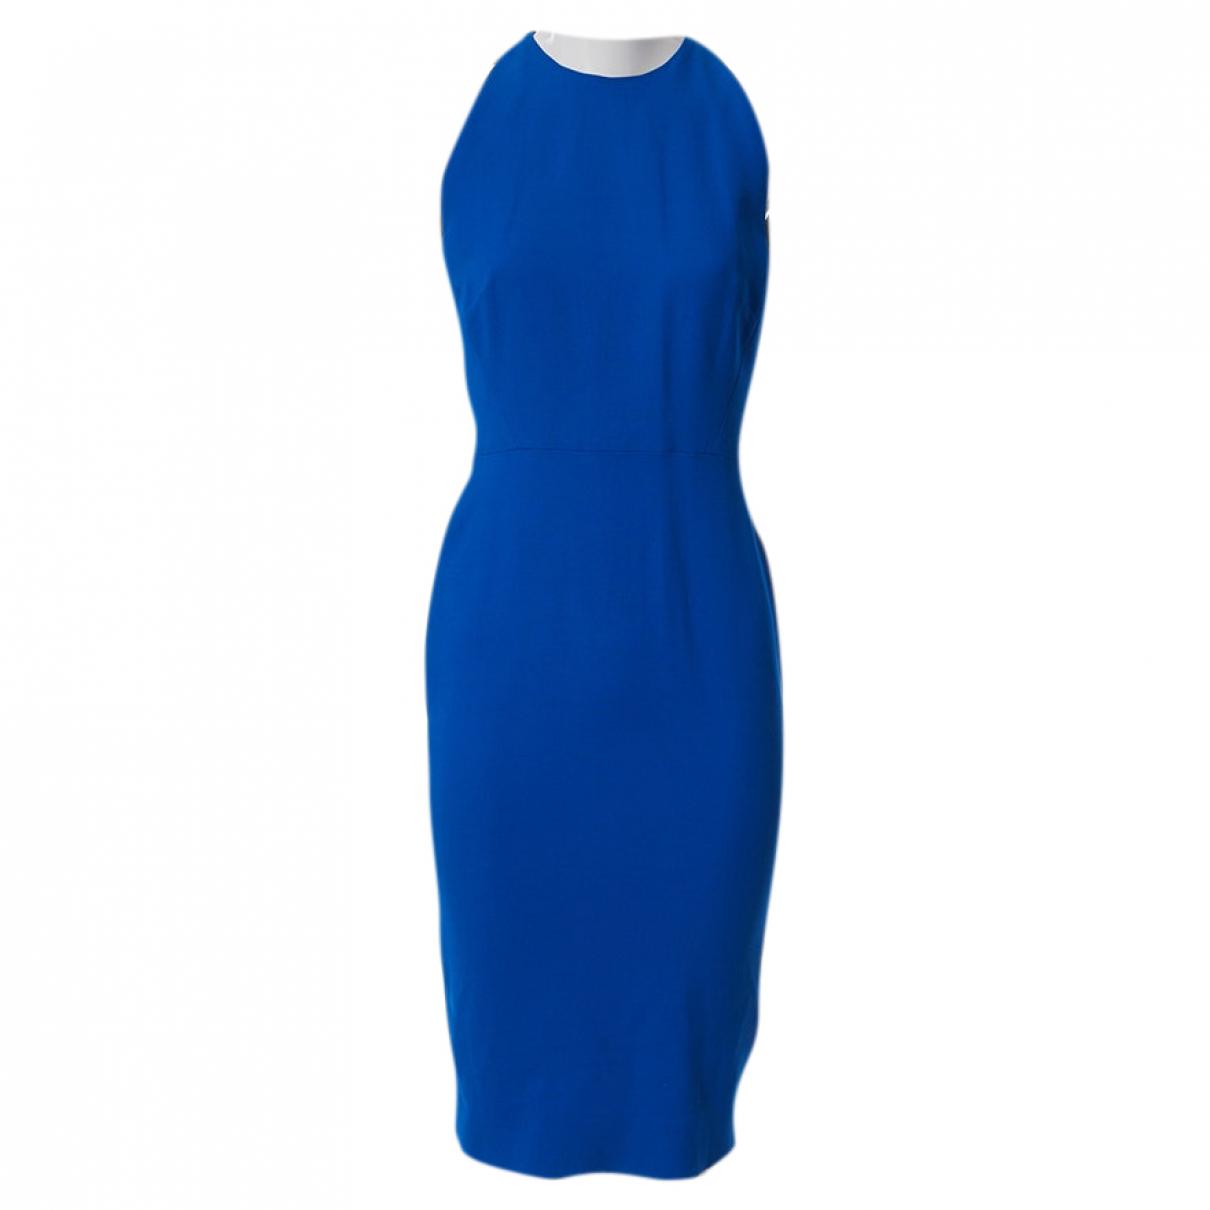 Victoria Beckham N Blue Silk dress for Women 10 UK